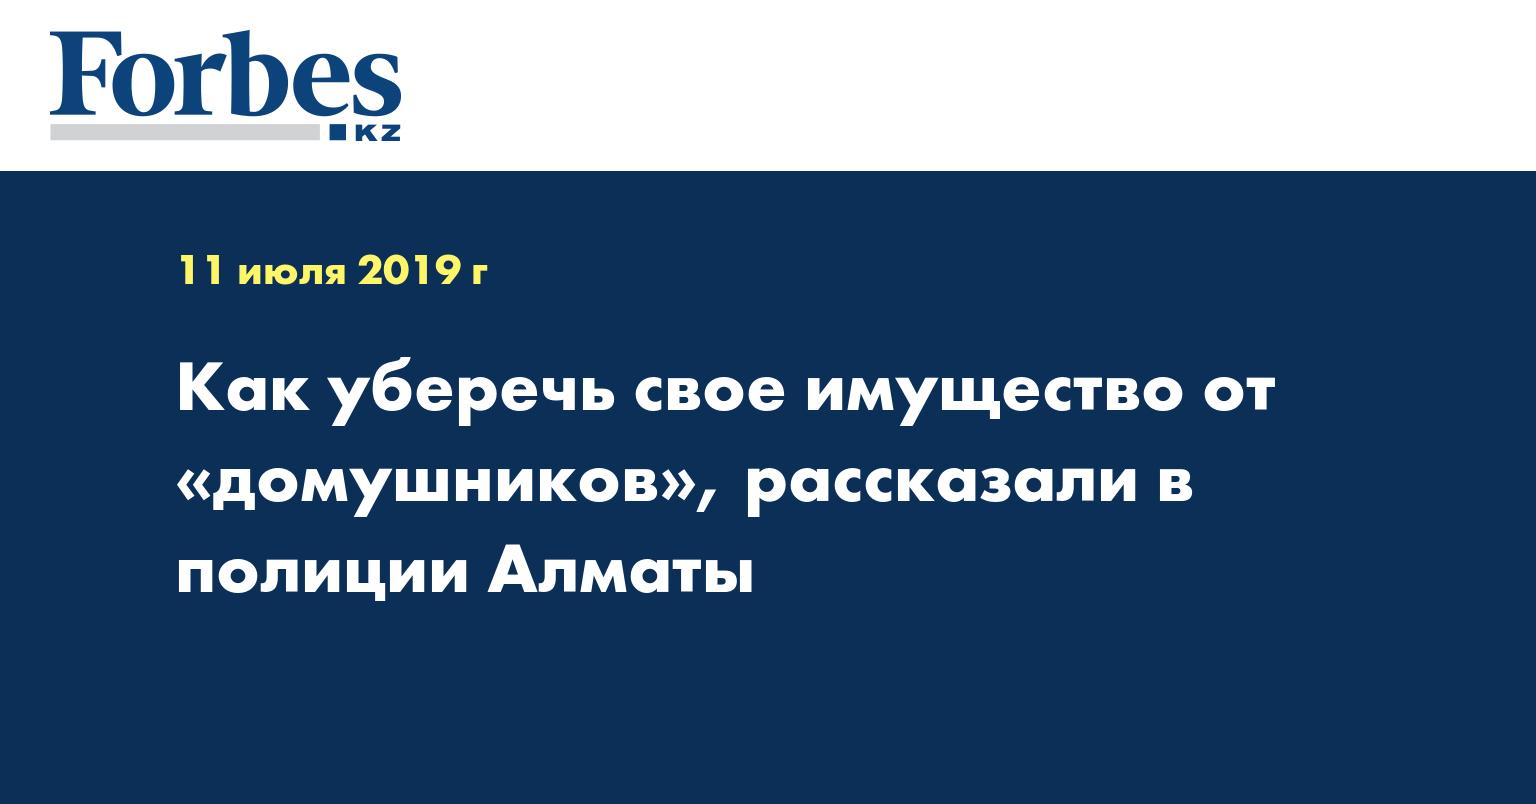 Как уберечь свое имущество от «домушников», рассказали в полиции Алматы